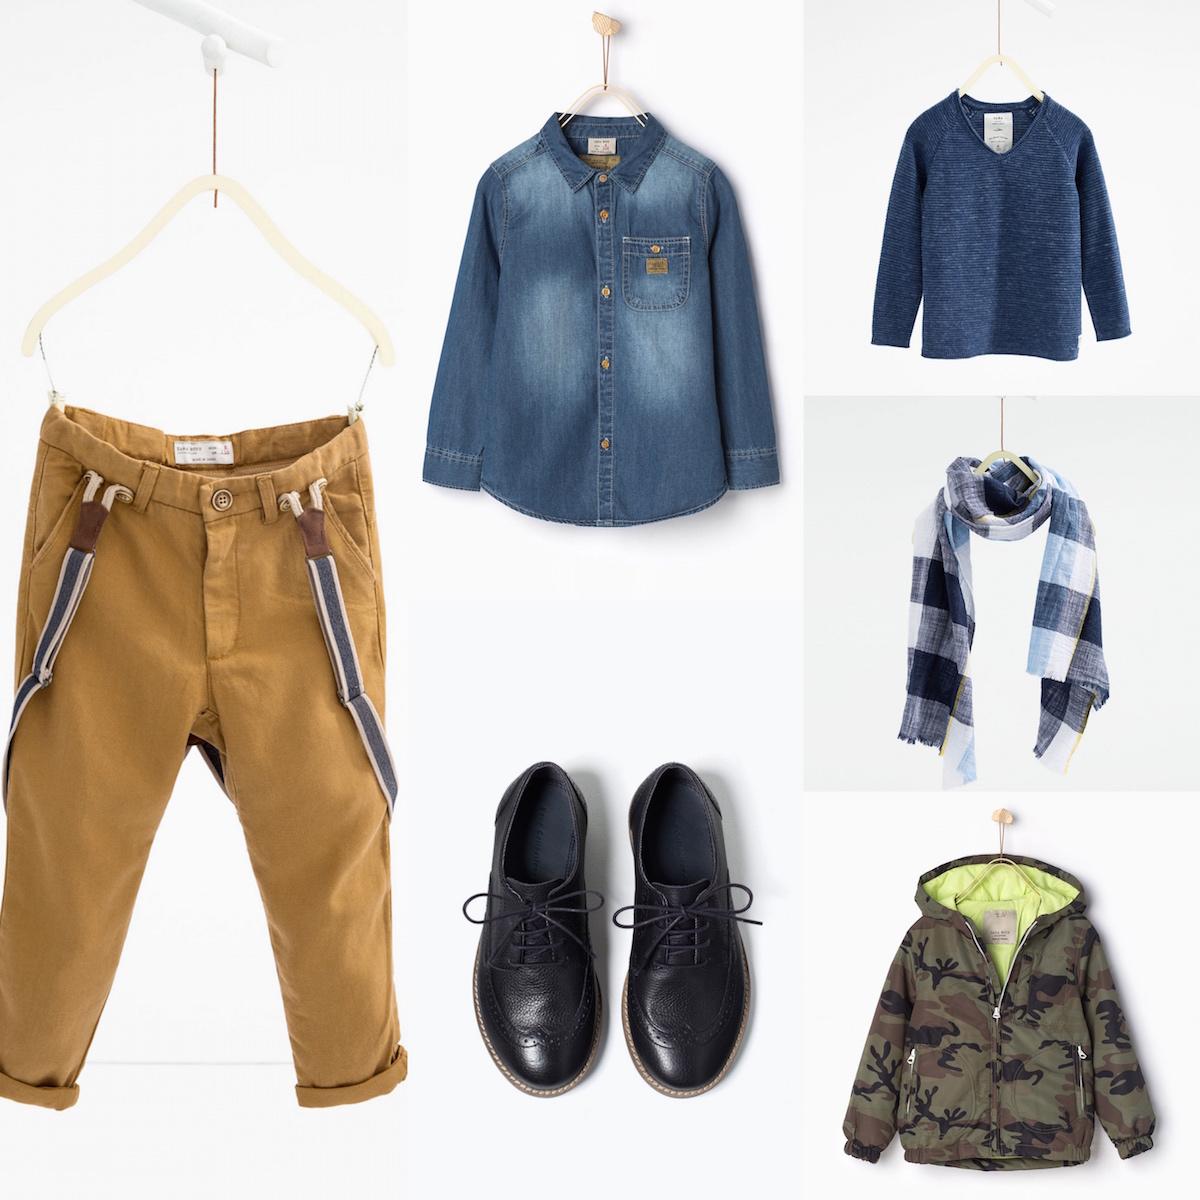 Novità di Zara Kids per i maschietti alla moda